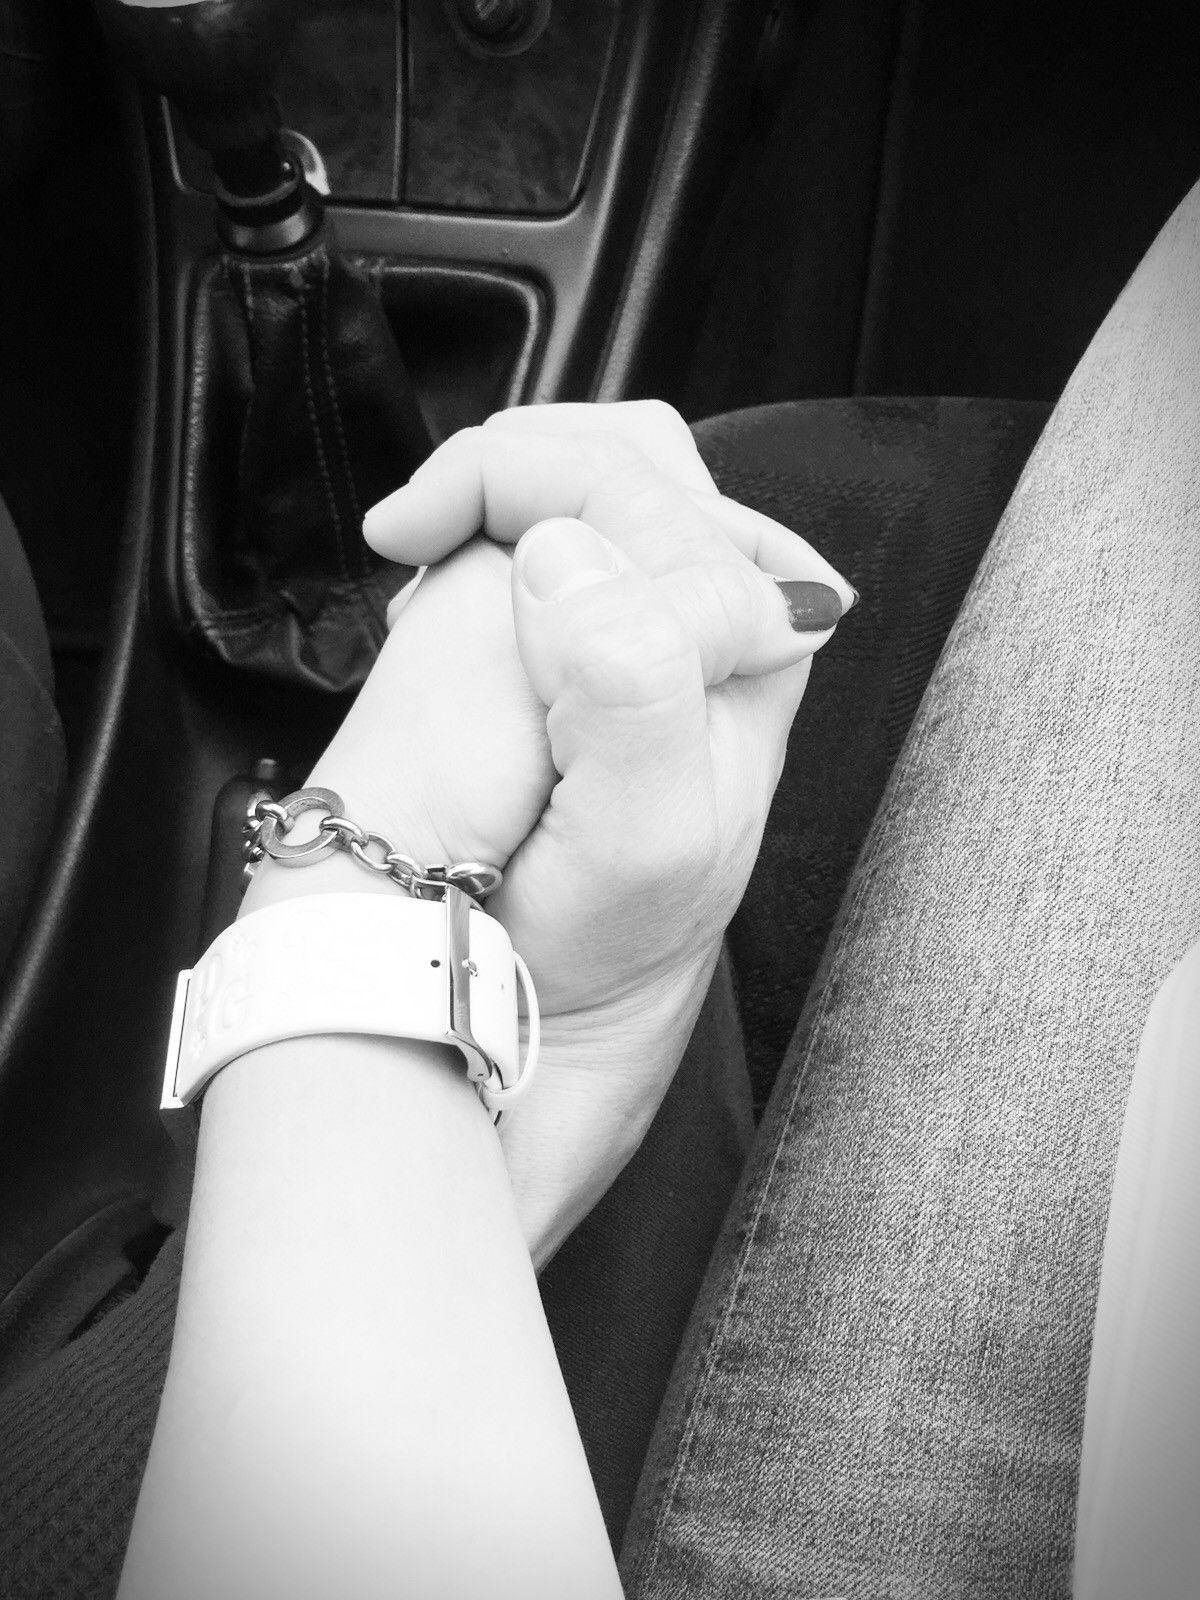 Las Manos Entrelazadas Símbolo De Unión Y Amor En Una Pareja